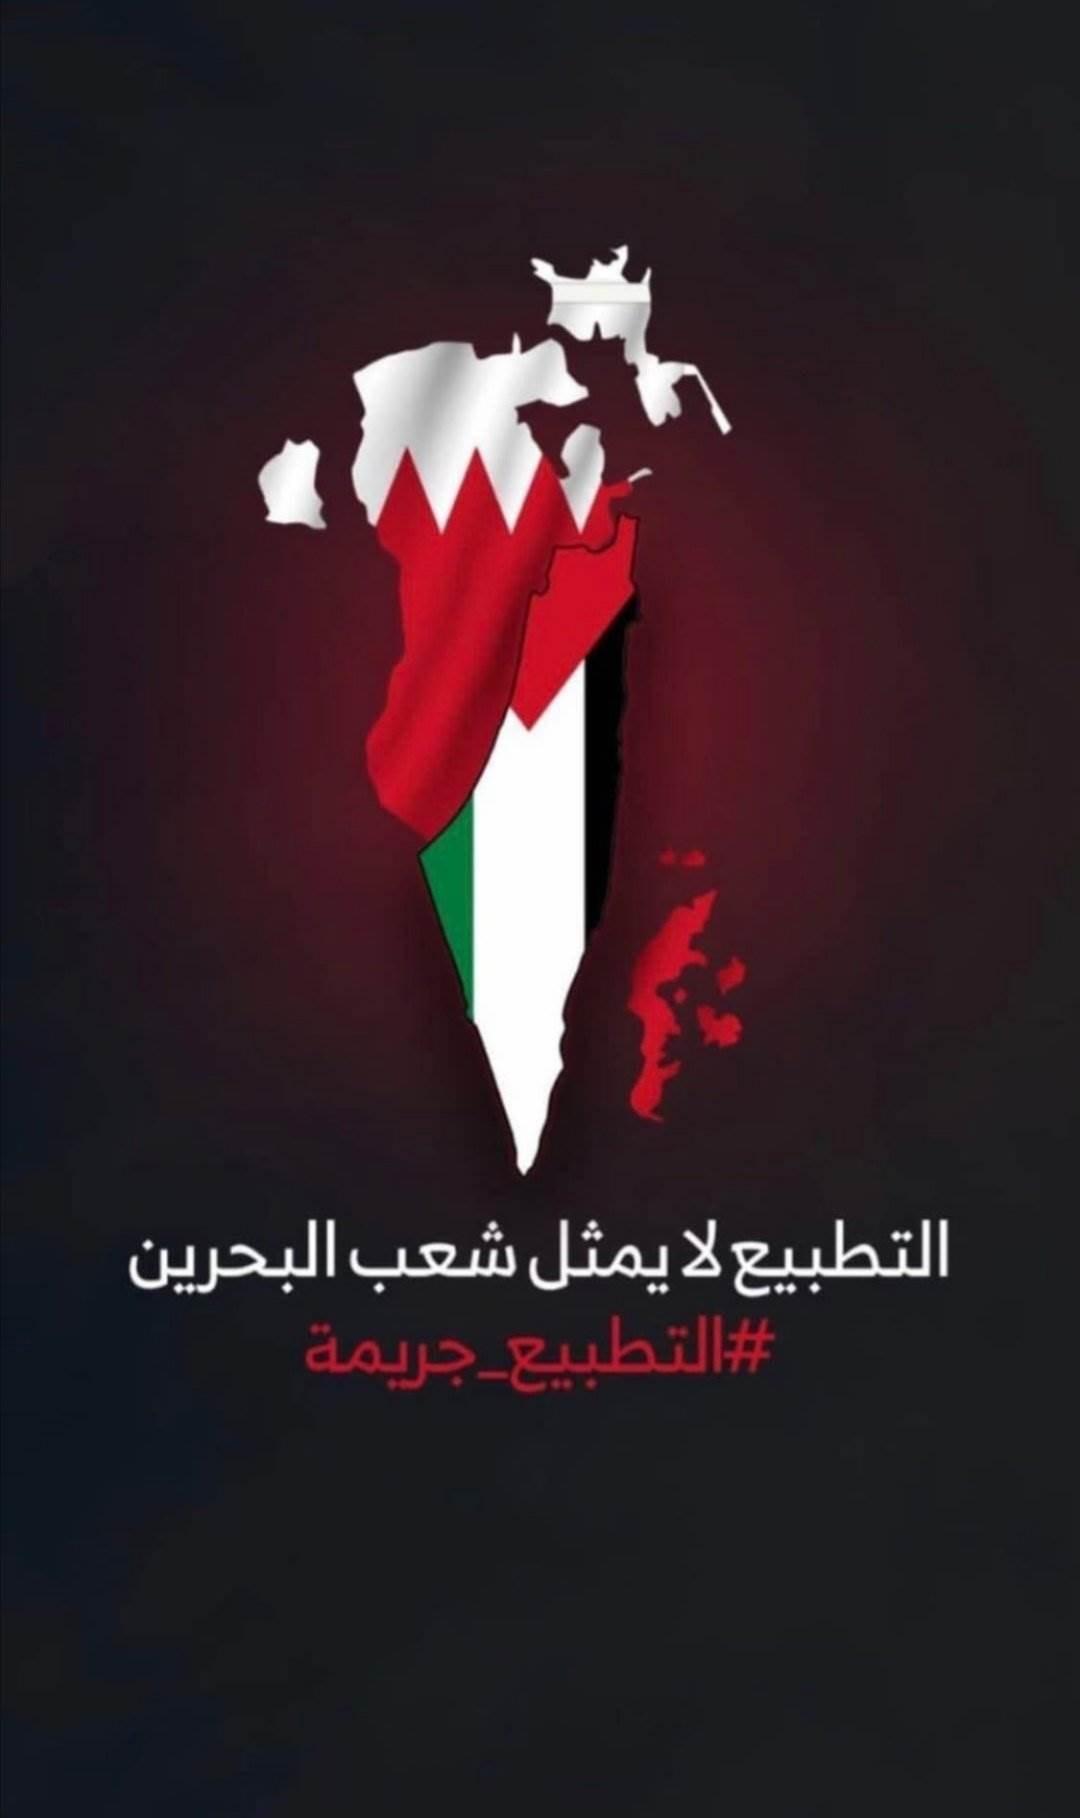 رسم متداول على تويتر رفضاً للتطبيع بين البحرين و